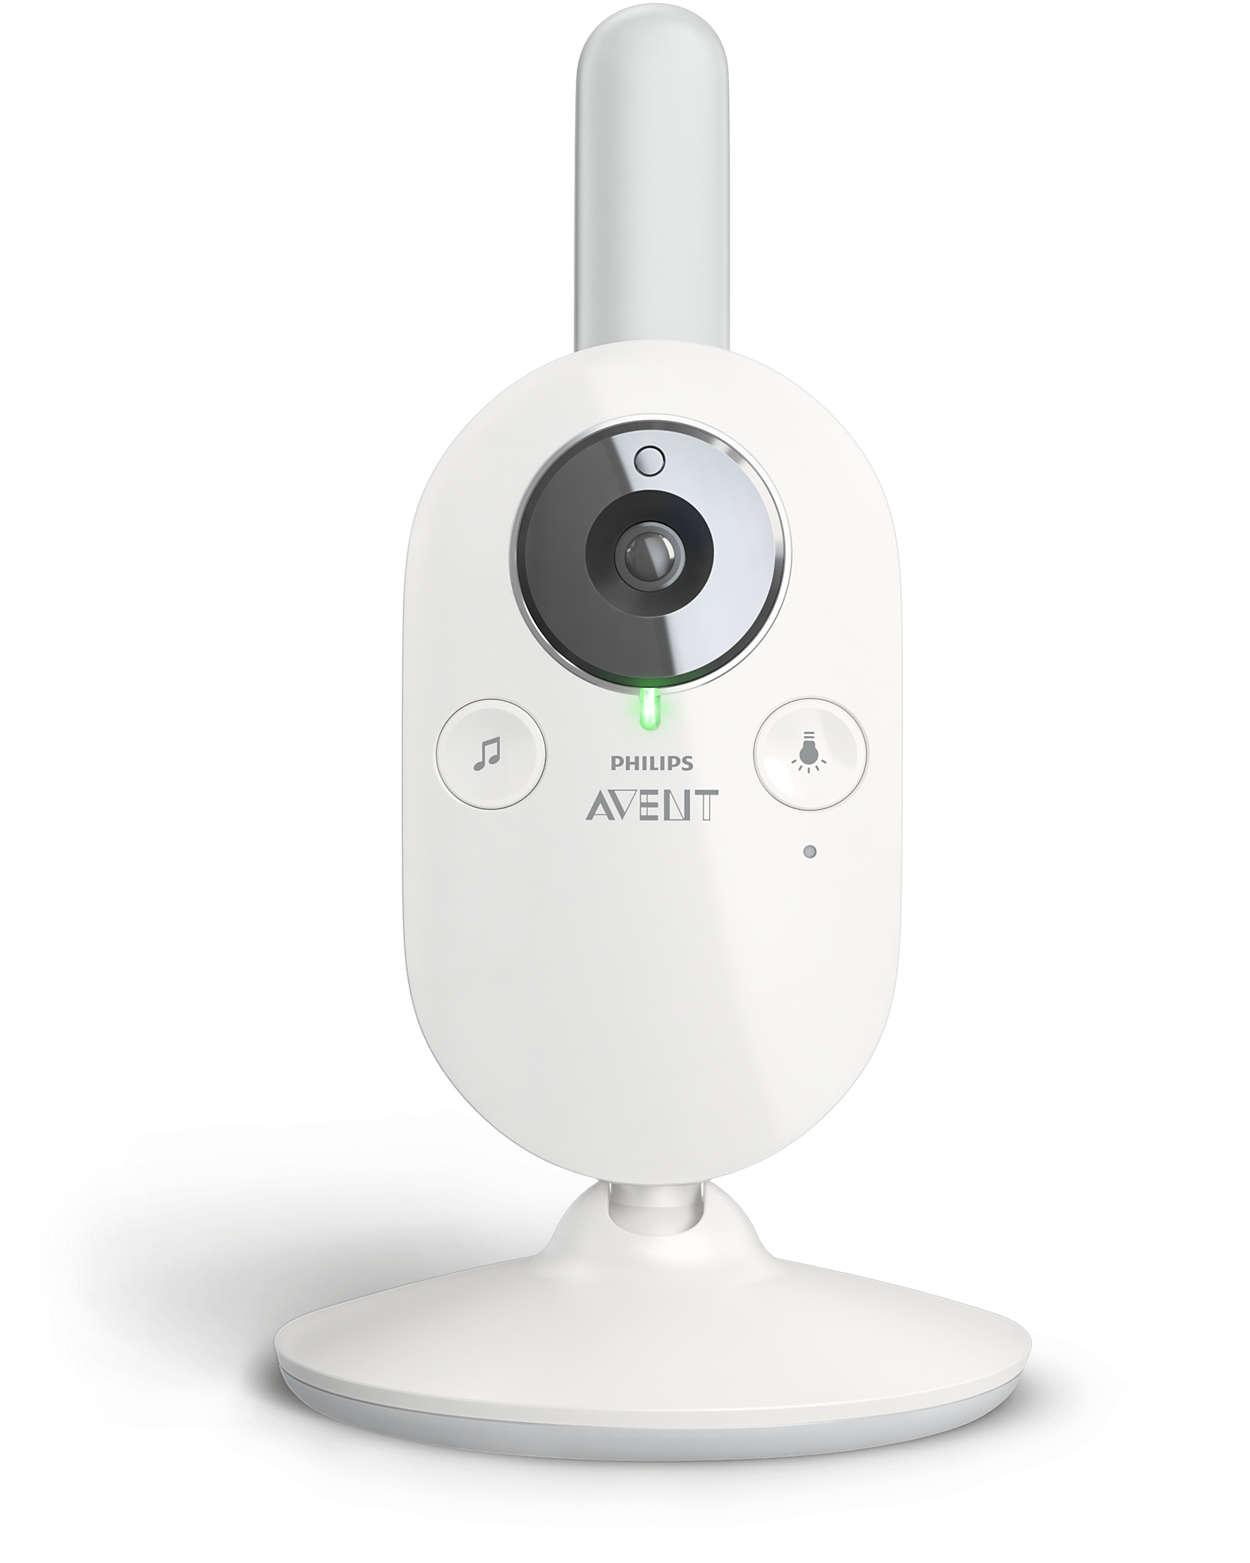 Philips Avent Intercomunicador Digital com Câmara 843